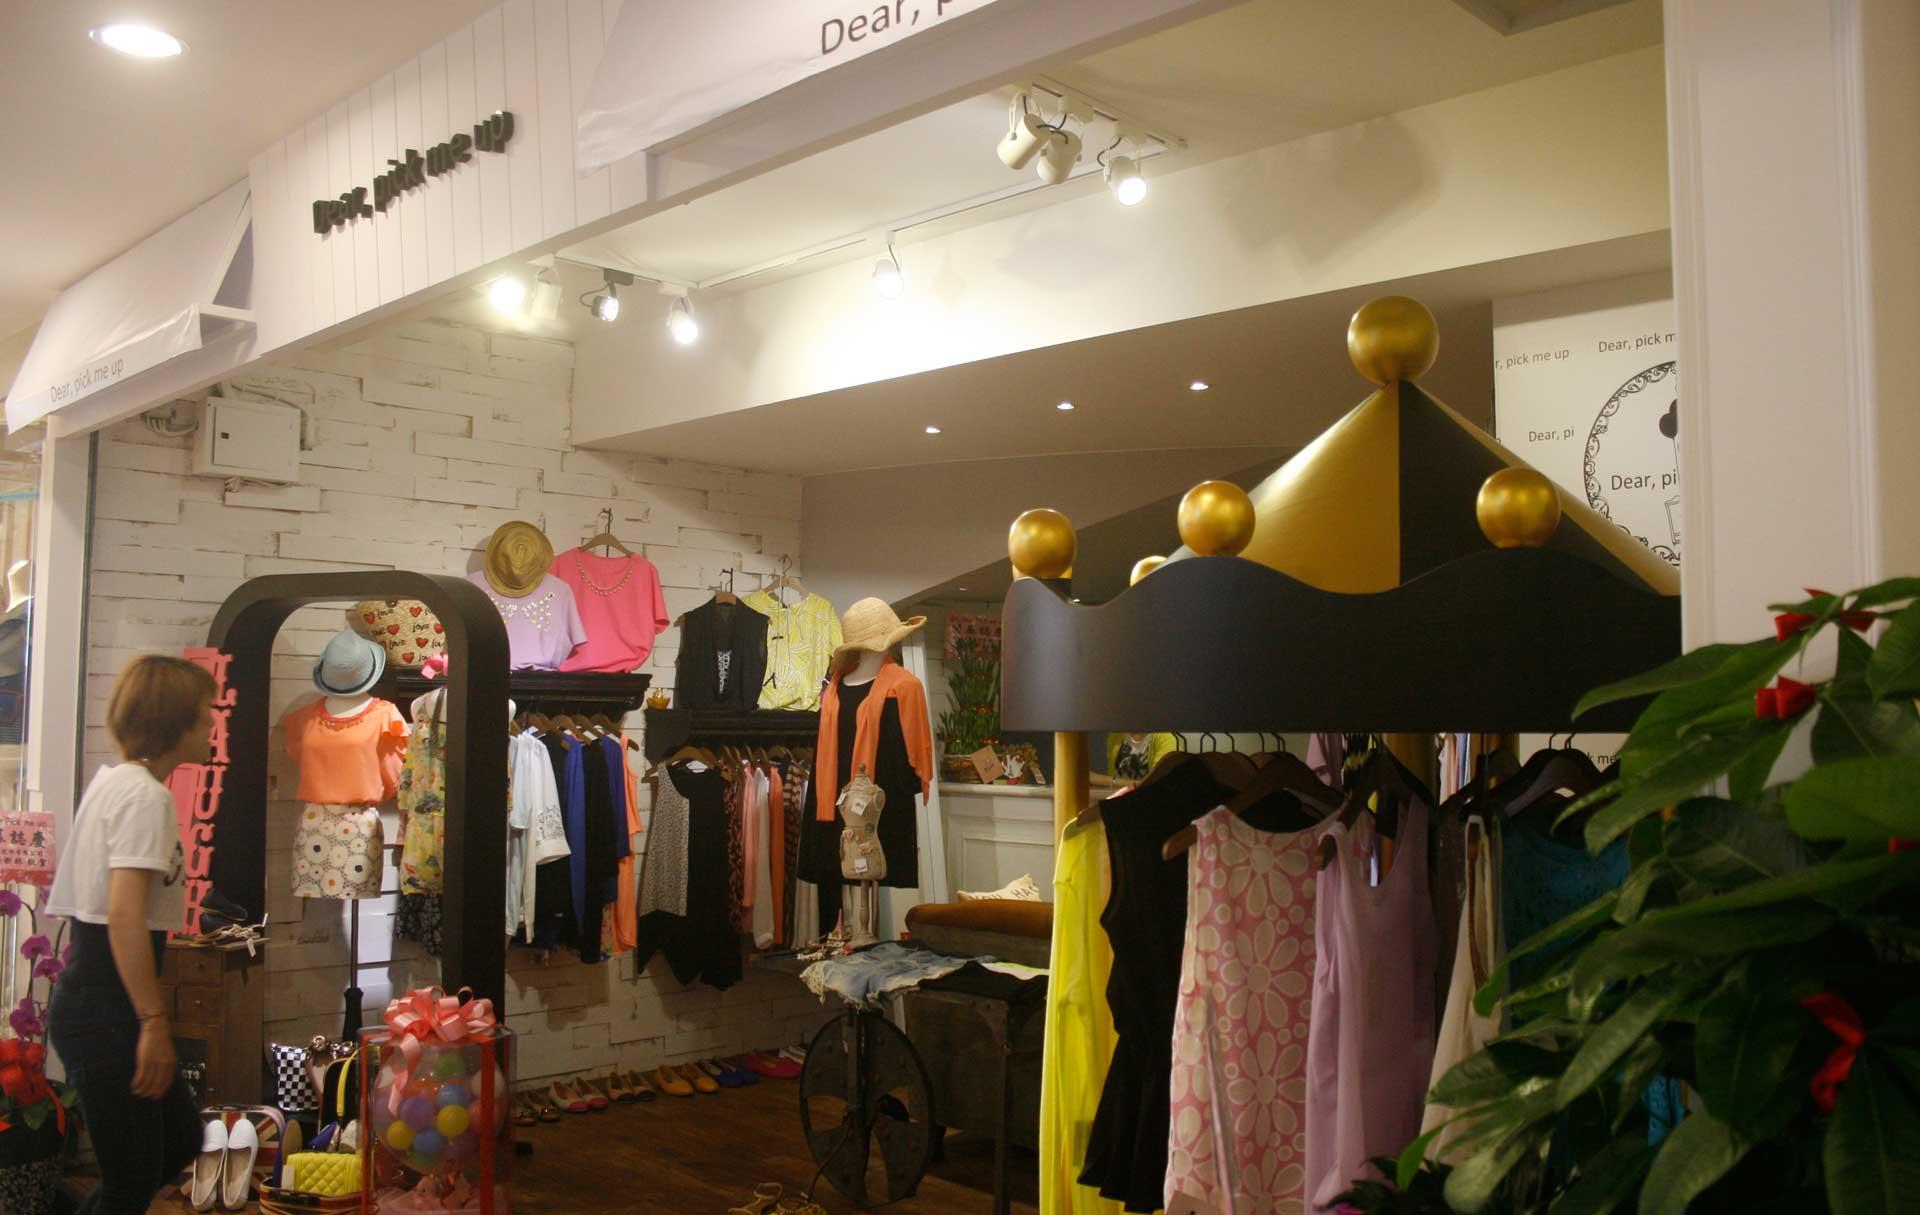 女裝服飾店面:Dear, pick me up – 復古工業風室內設計裝潢案例